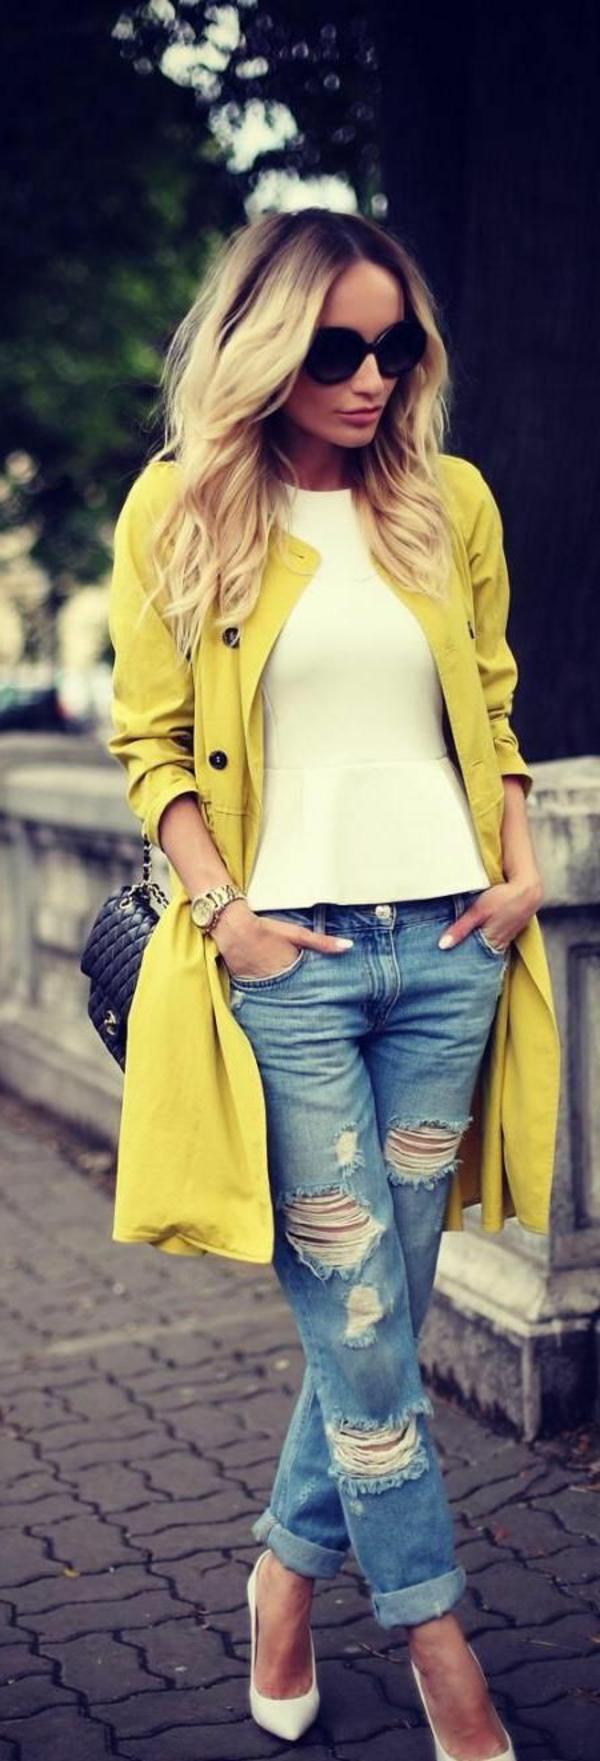 femme-lunettes-de-soleil-boyfriend-jean-confortable-veste-jaune-chaussures-talon-bluse-papillon